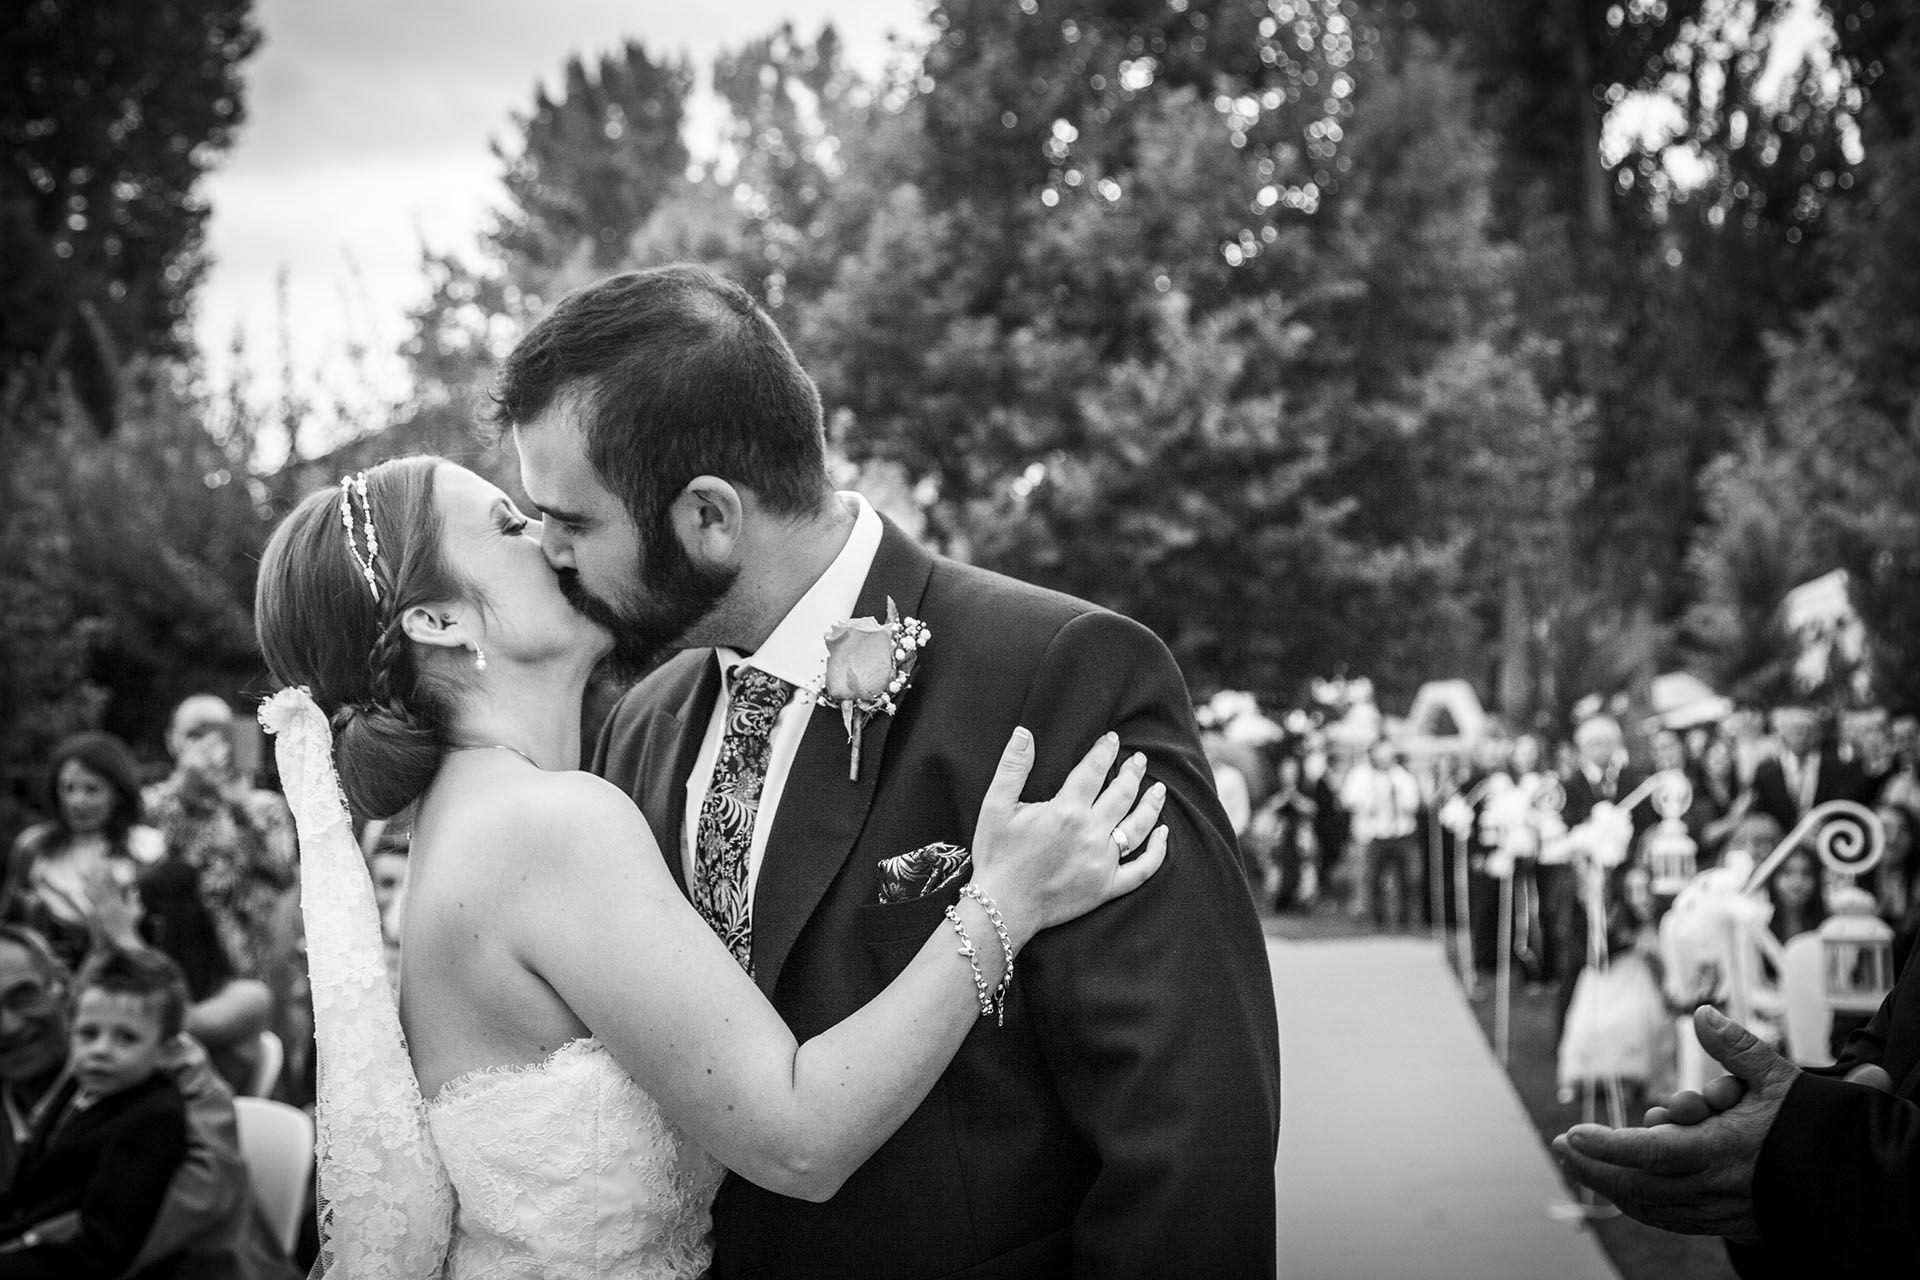 angela coronel-fotografia-bodas-molina de aragon-henar fernando